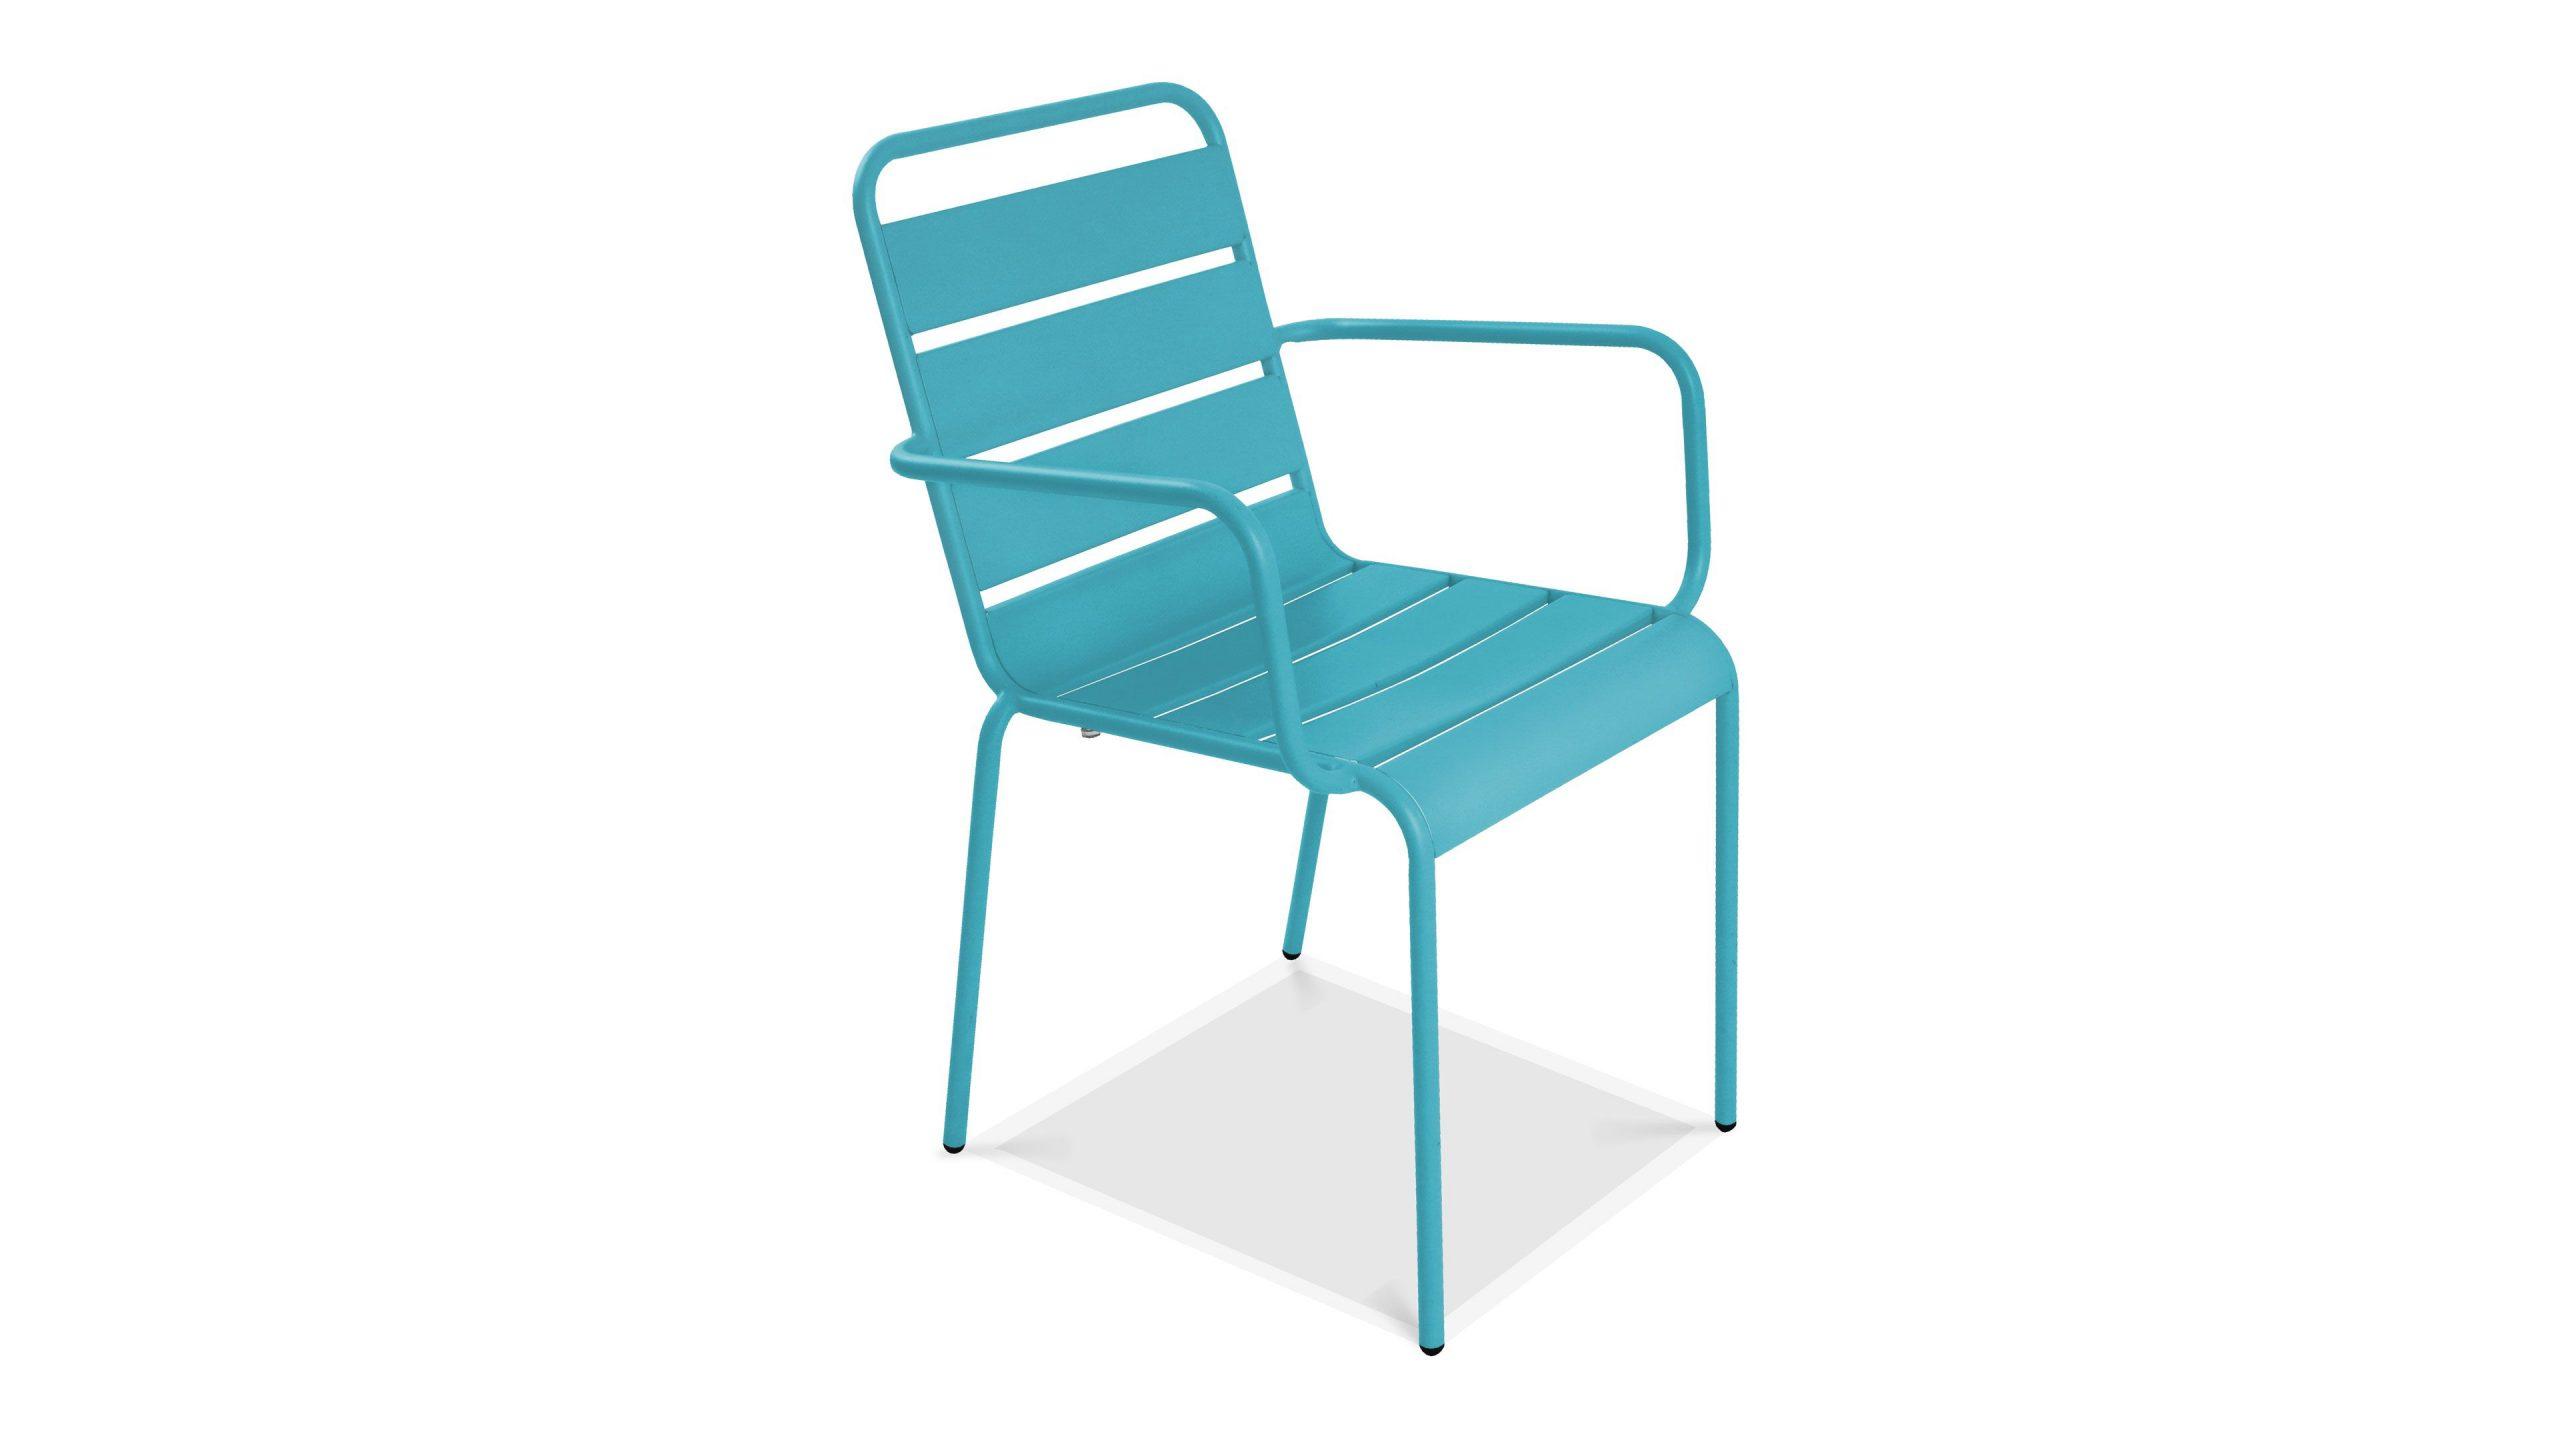 Chaise De Jardin Empilable, Chaise Métal Palavas destiné Chaise De Jardin Bleu